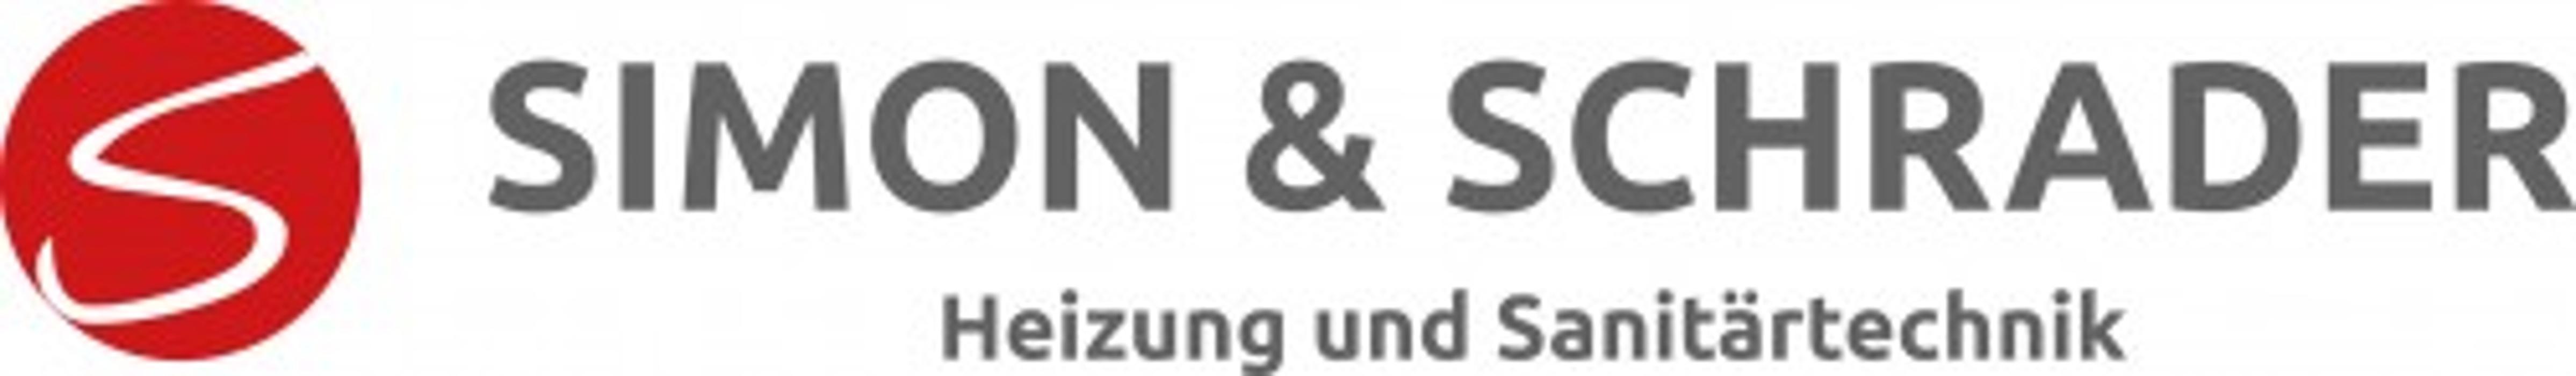 Bild zu Simon & Schrader Heizung und Sanitärtechnik in Schenefeld Bezirk Hamburg